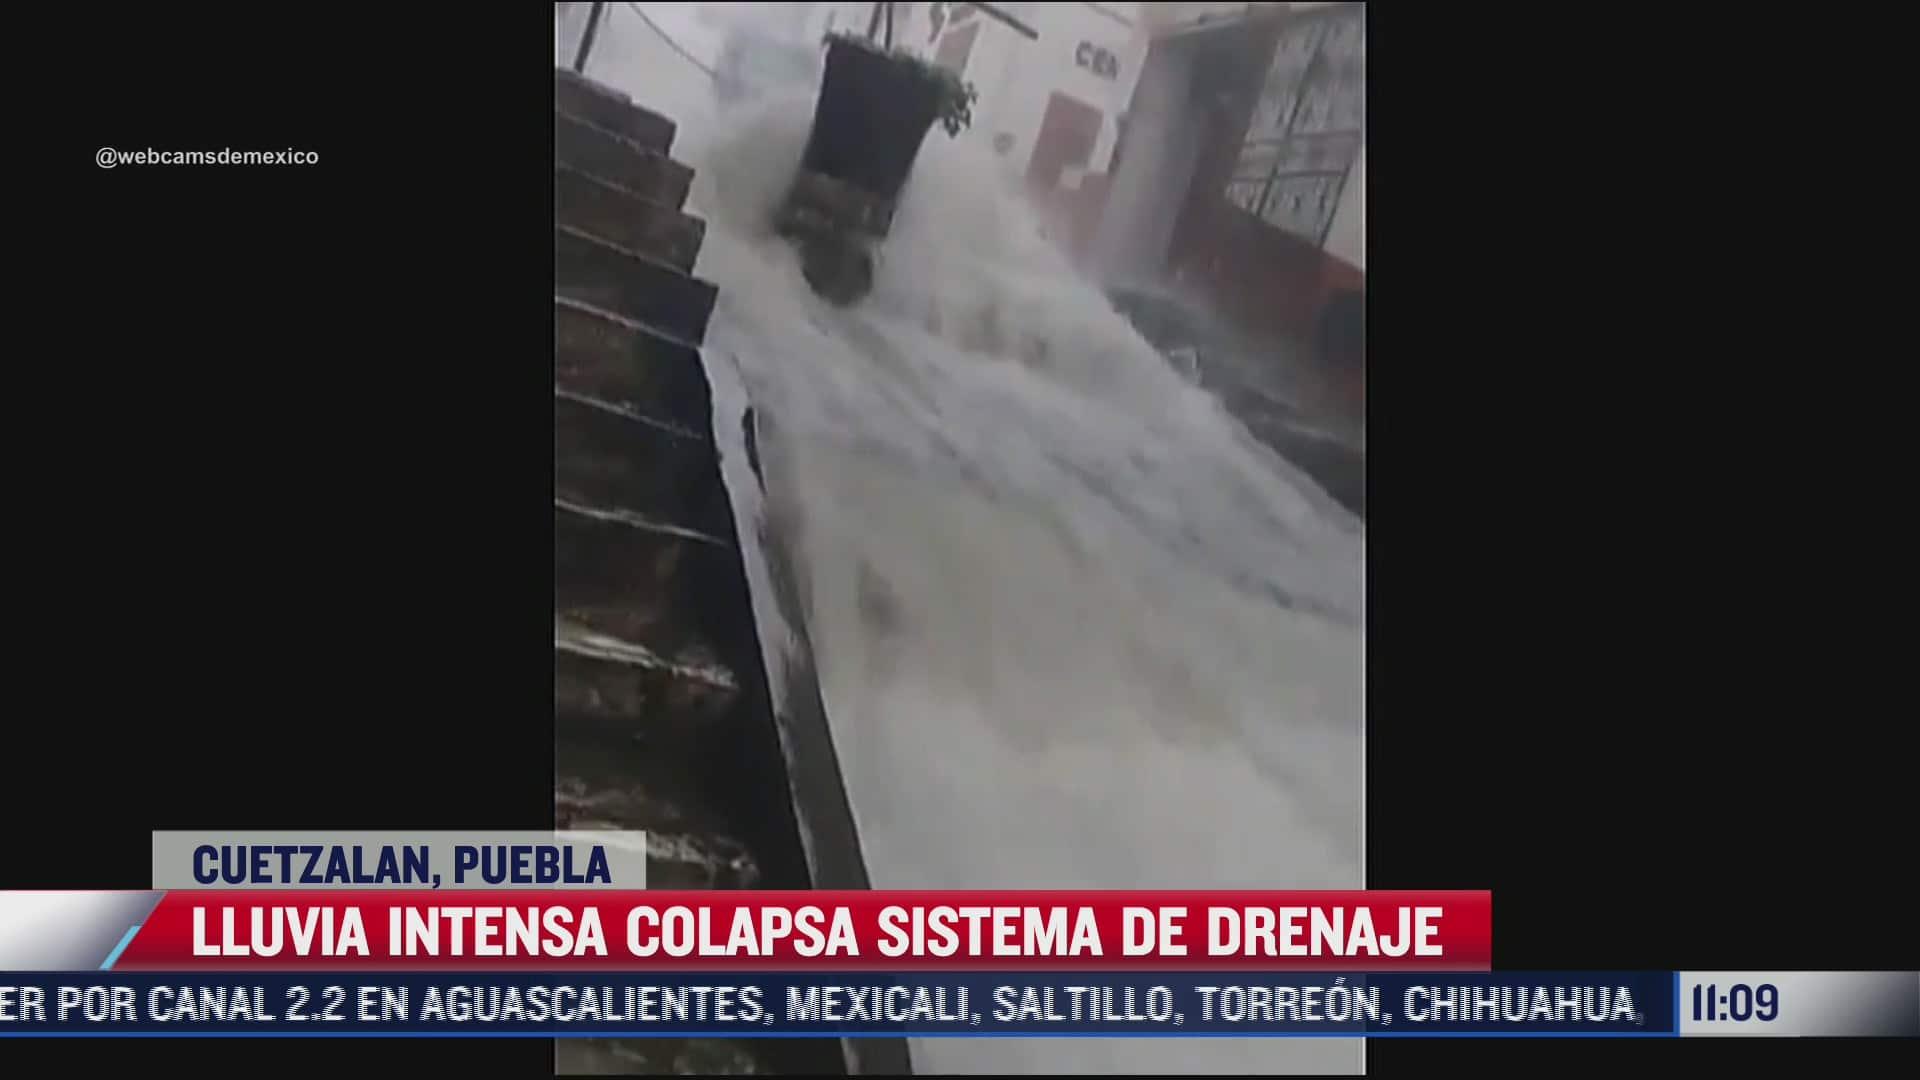 Intensas lluvias convierten en ríos las calles de Cuetzalan, Puebla